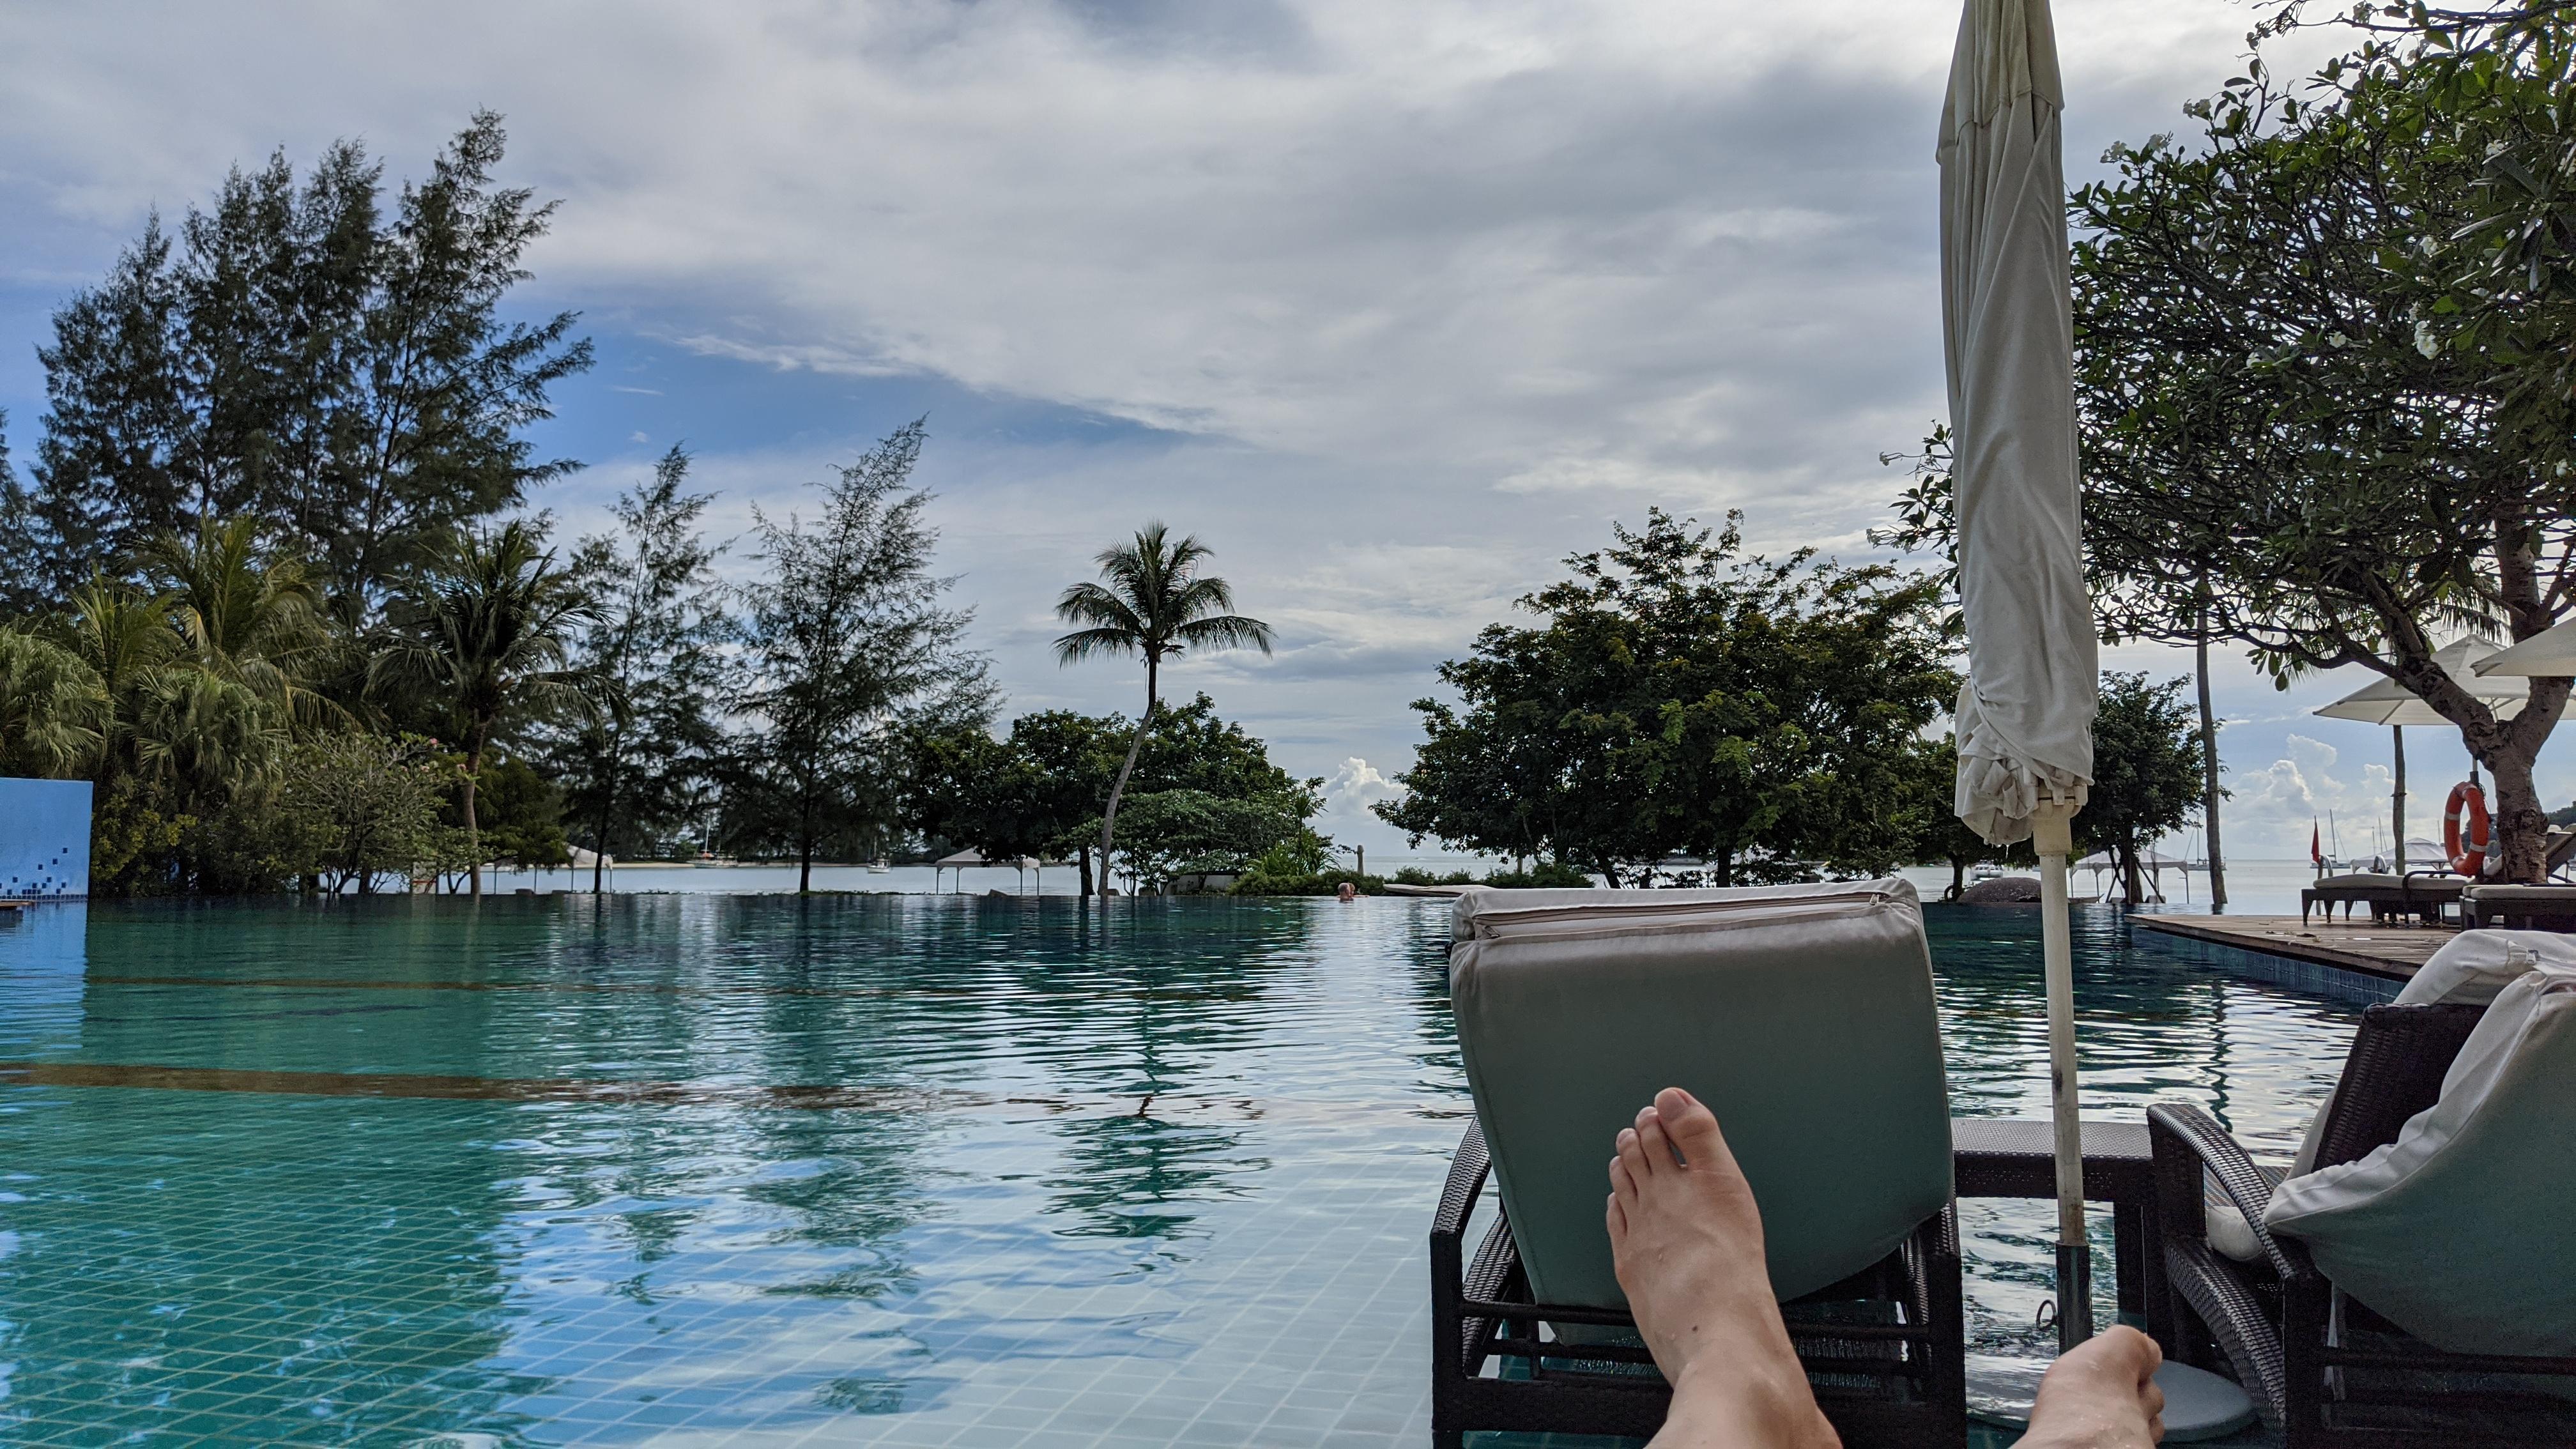 旅行を通して平泳ぎをマスターした、という話